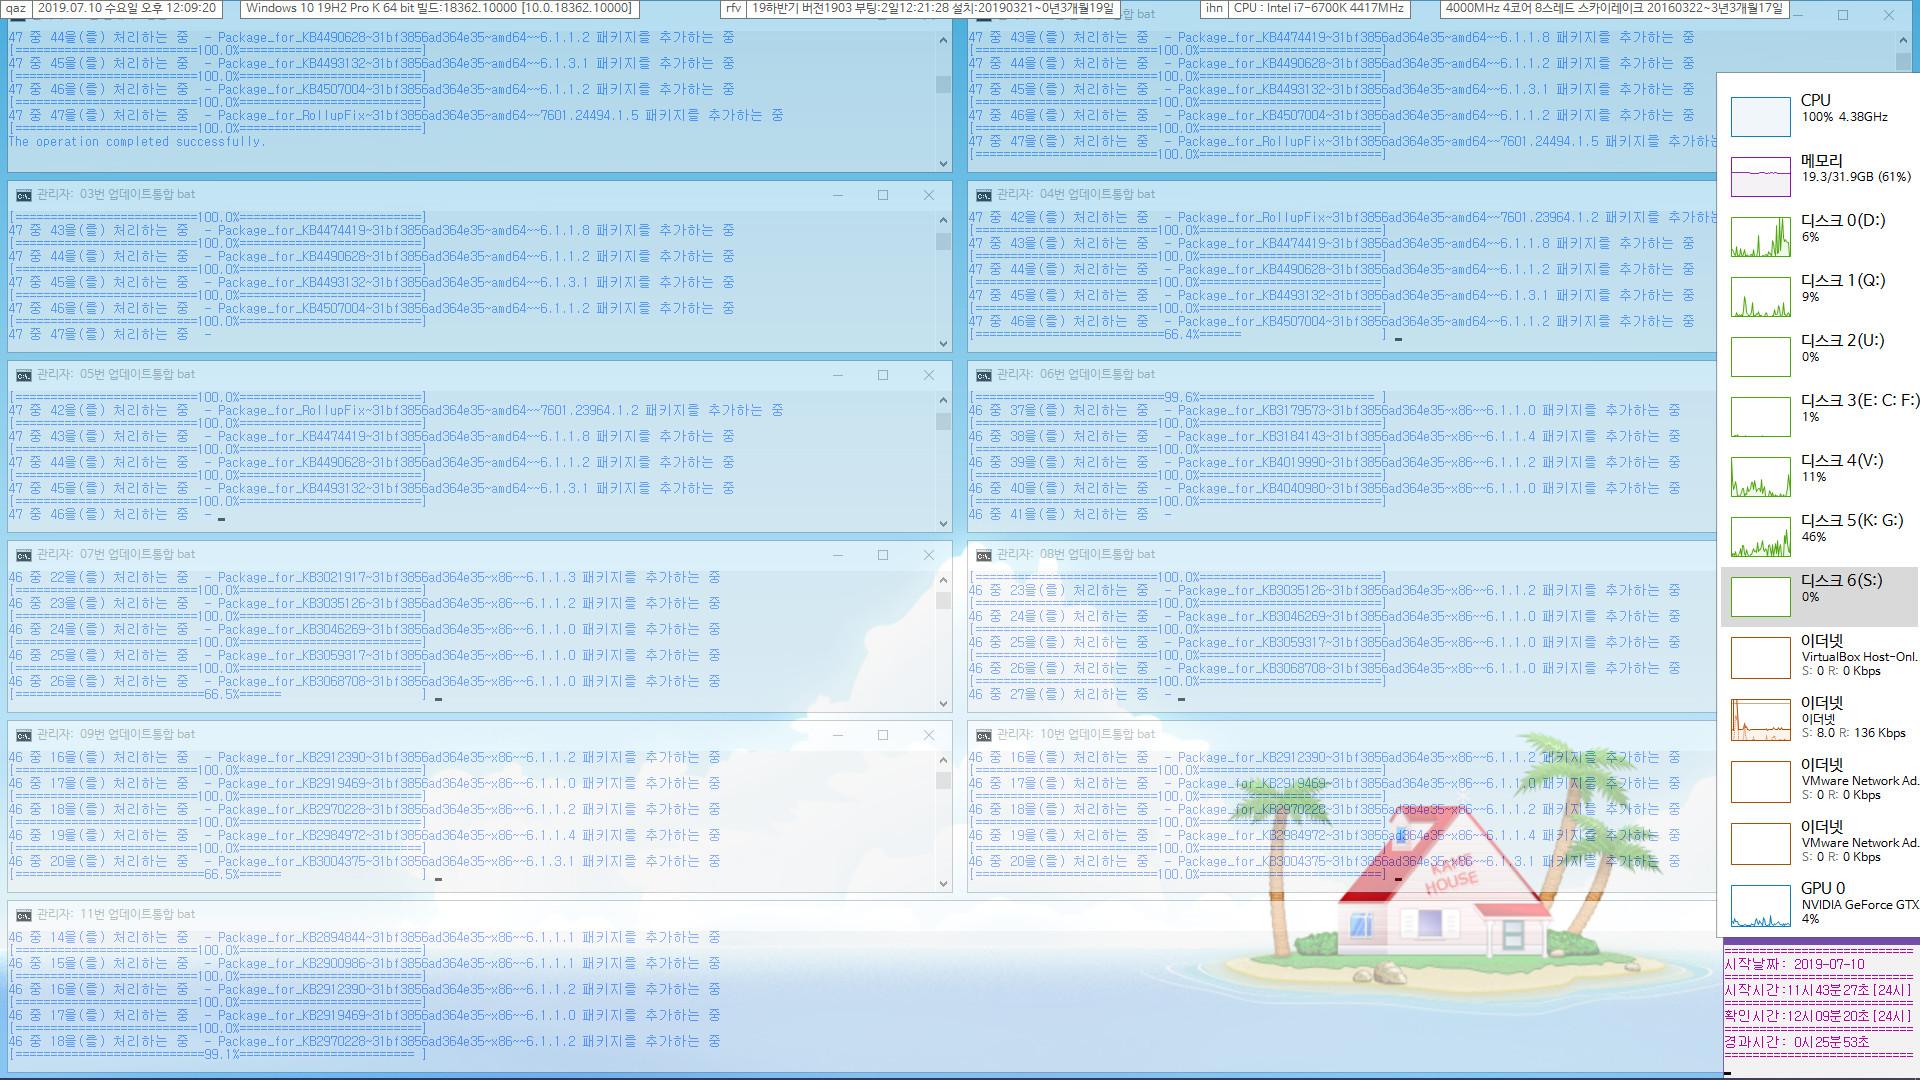 2019-07-10 정기 업데이트 - Windows 7 롤업 업데이트 KB4507449 (OS 빌드 7601.24494) [2019-07-09 일자] IE11 통합중 입니다 2019-07-10_120920.jpg